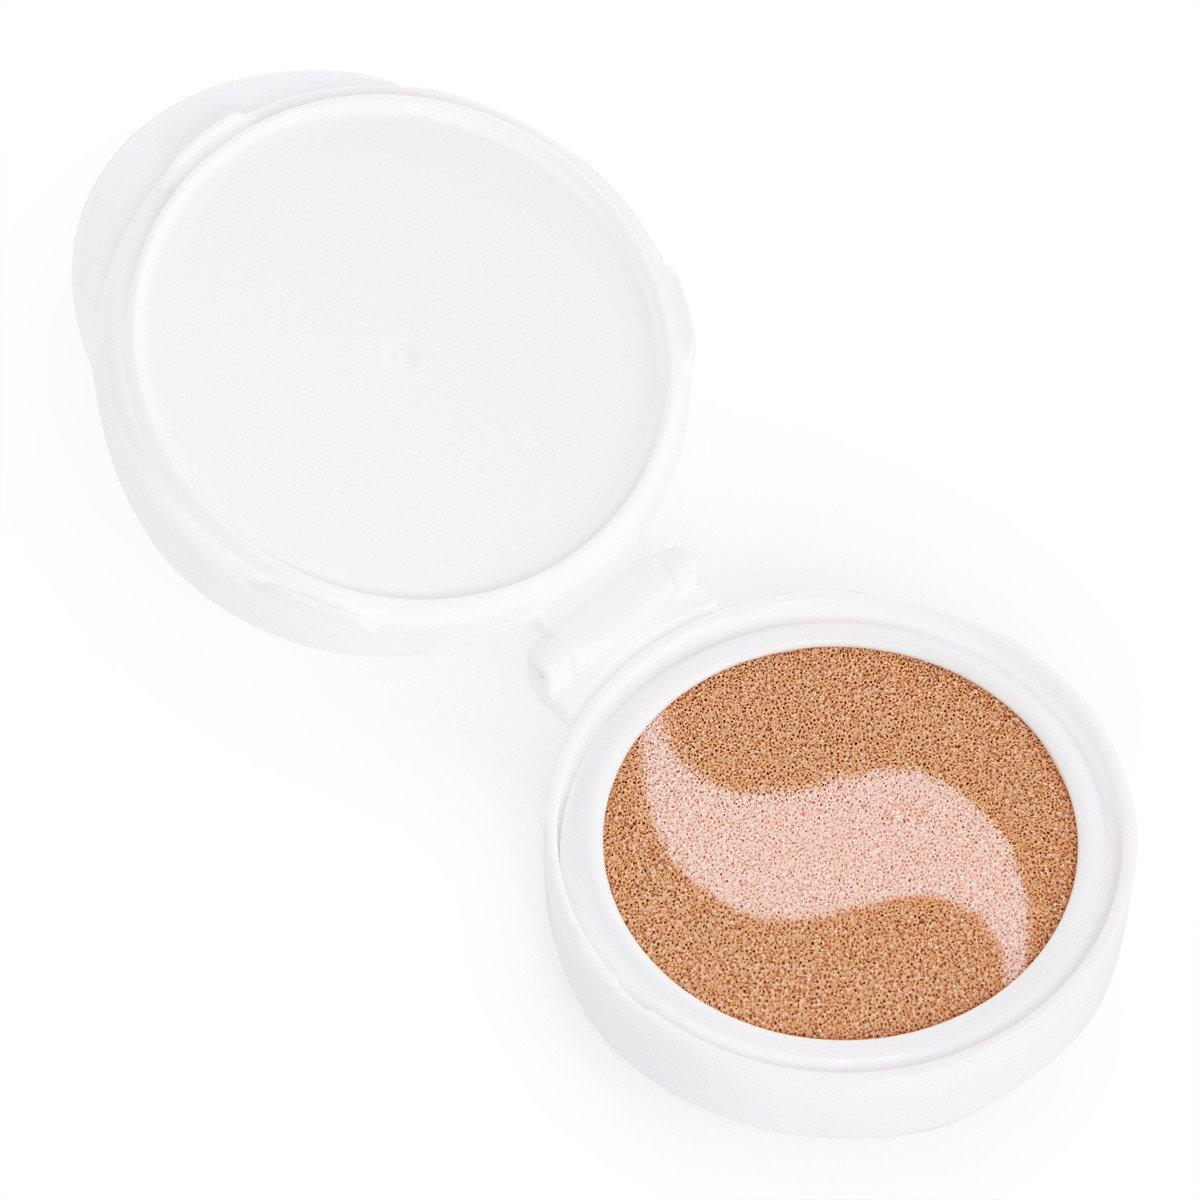 極淨光亮白舒芙蕾氣墊粉餅 - 補充蕊(白皙)